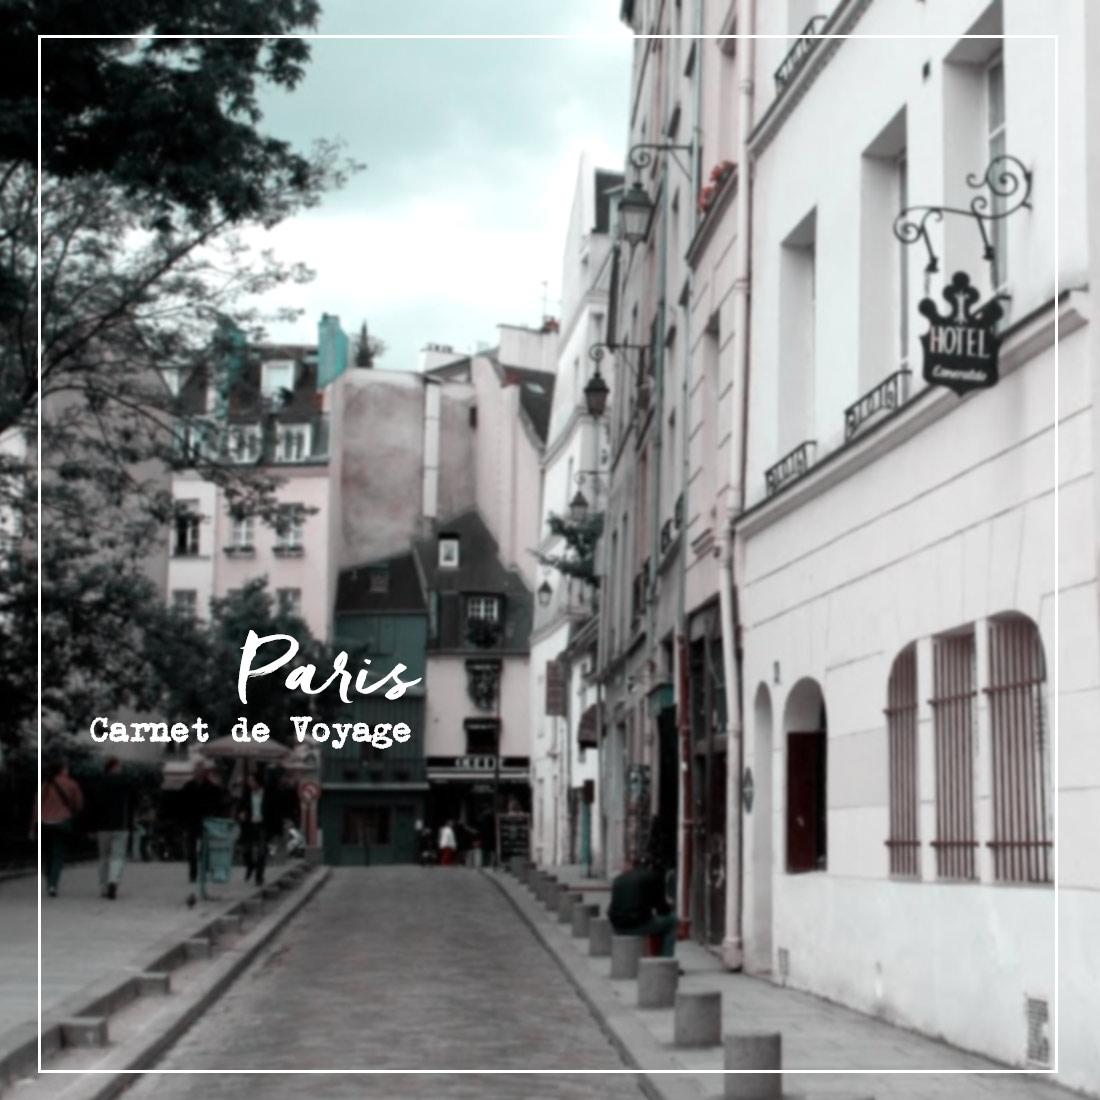 Paris-Carnet-de-Voyage